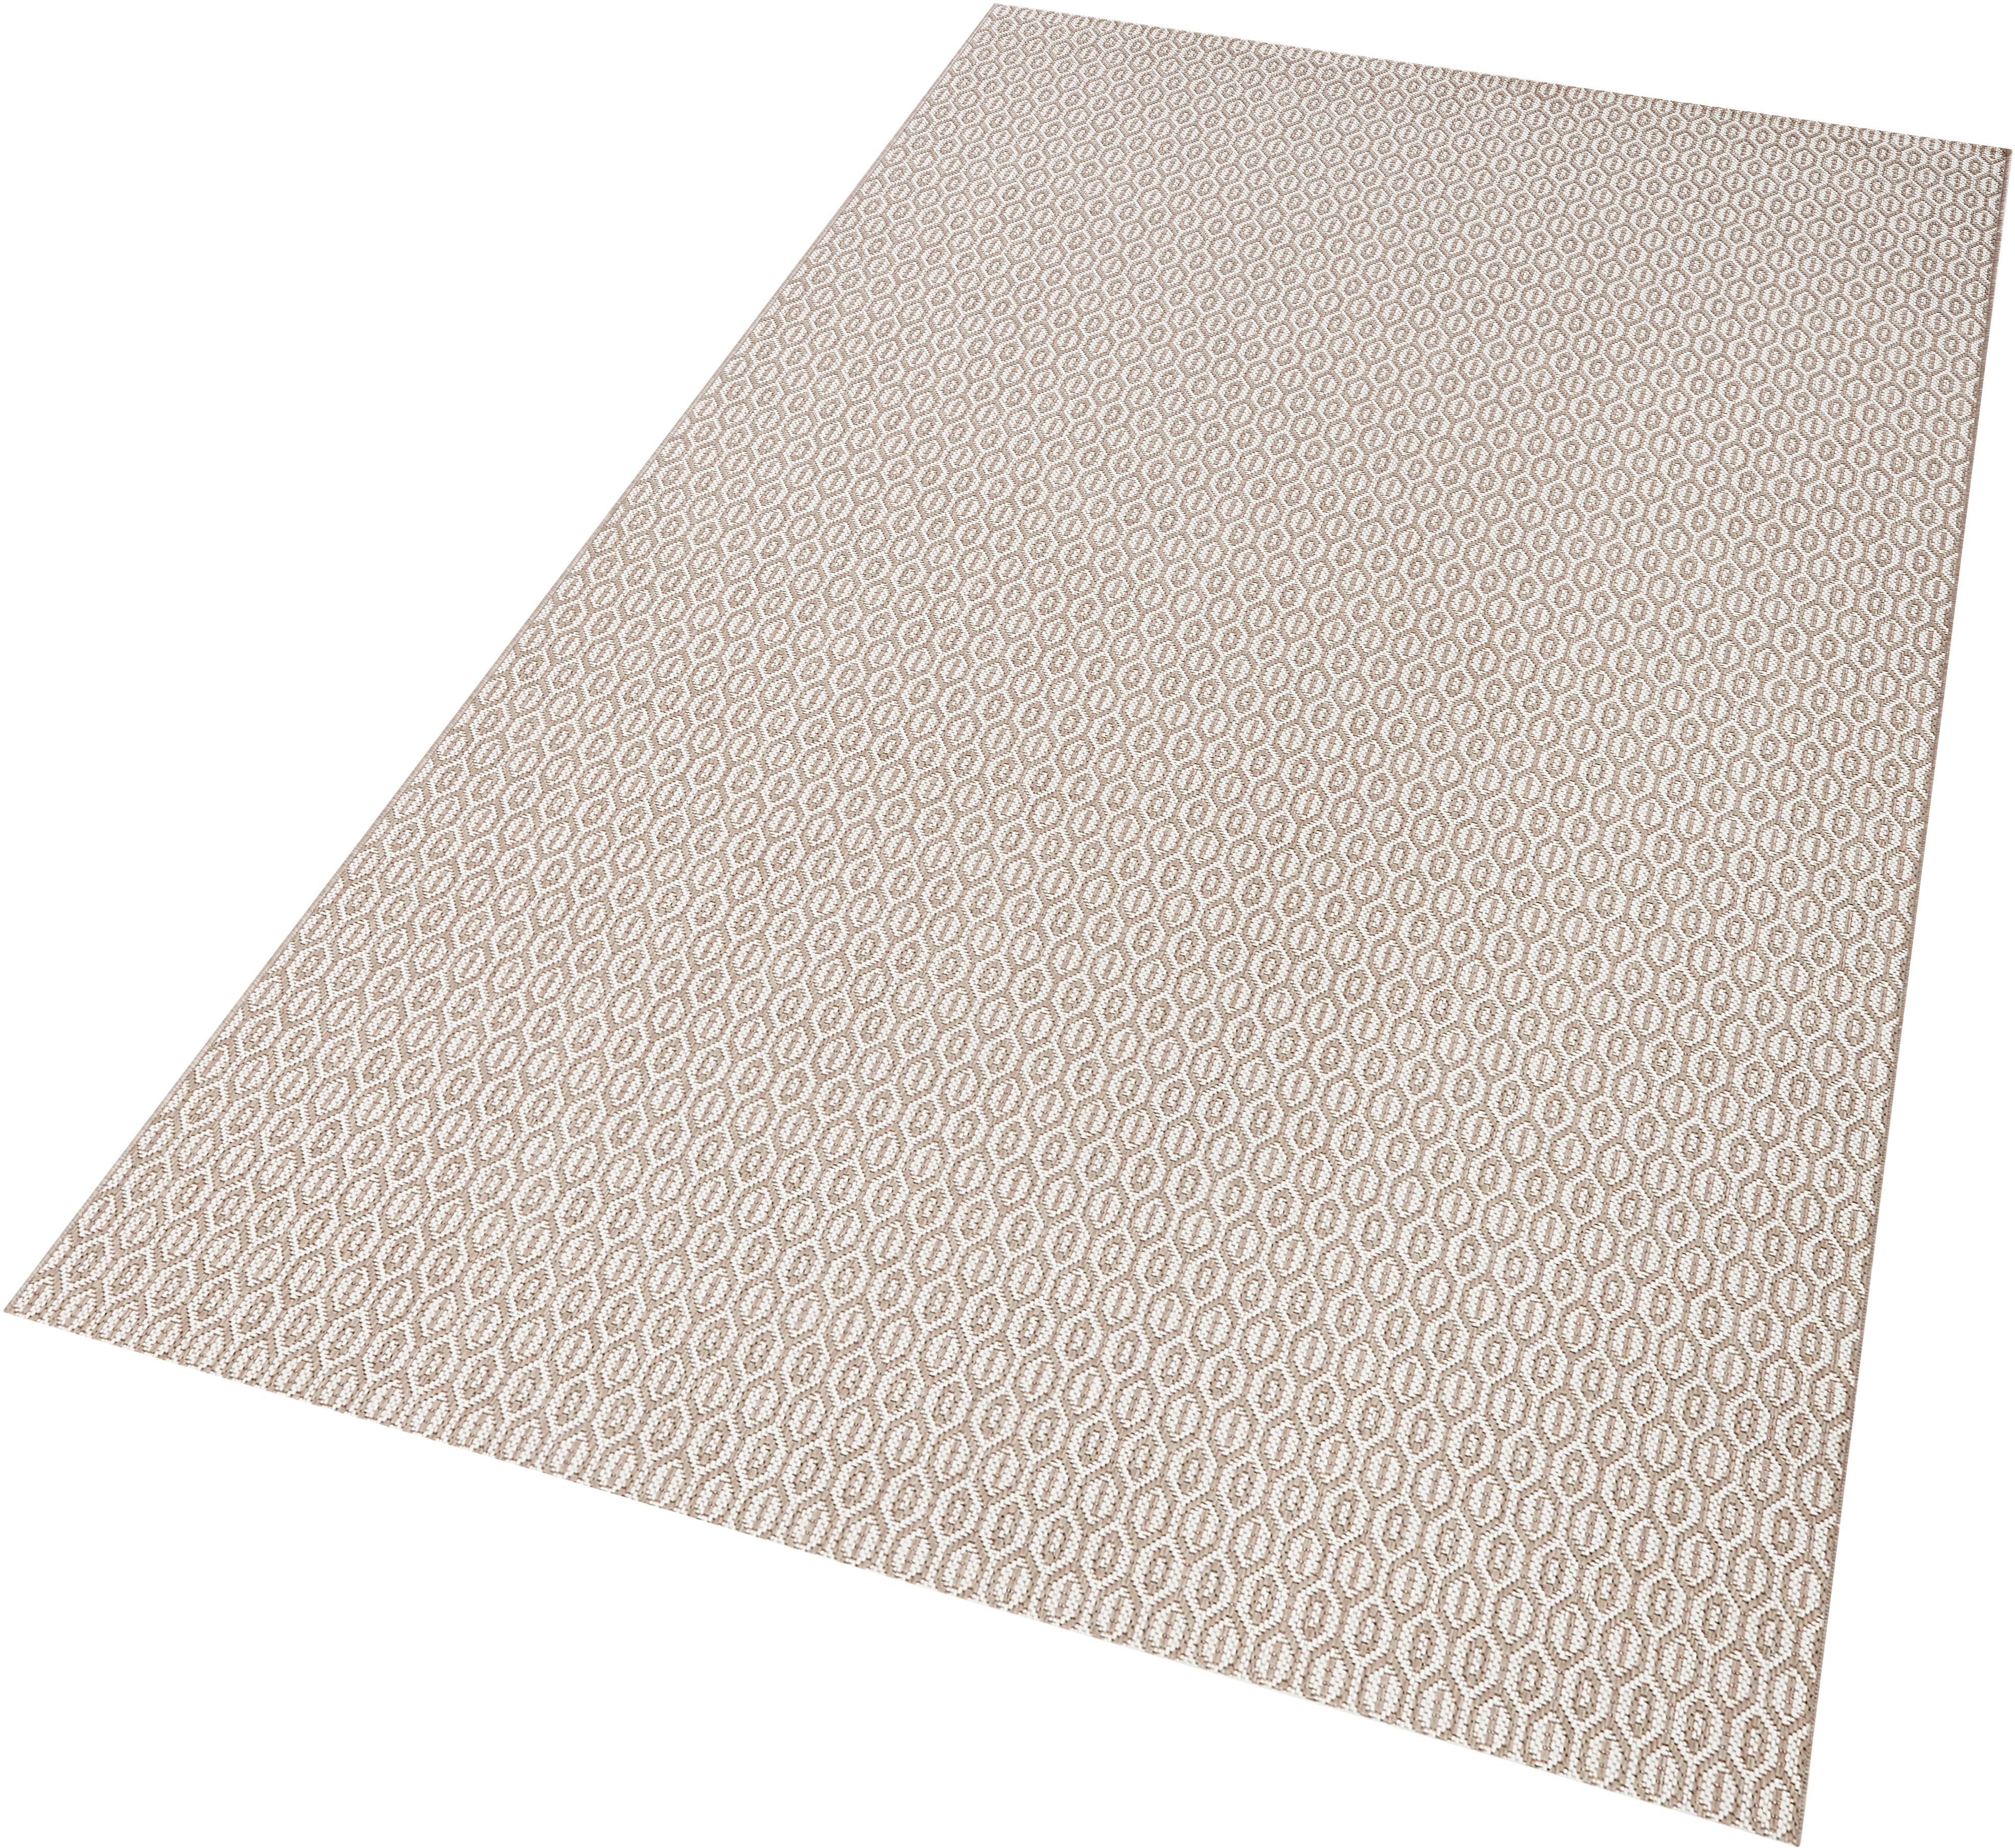 Teppich Coin bougari rechteckig Höhe 8 mm maschinell gewebt